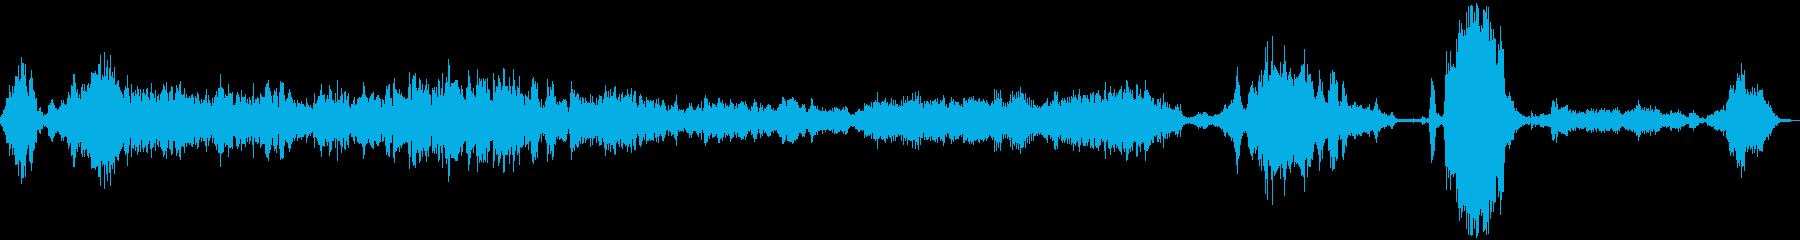 ロングスクレイプ;低頻度;拡張メタ...の再生済みの波形